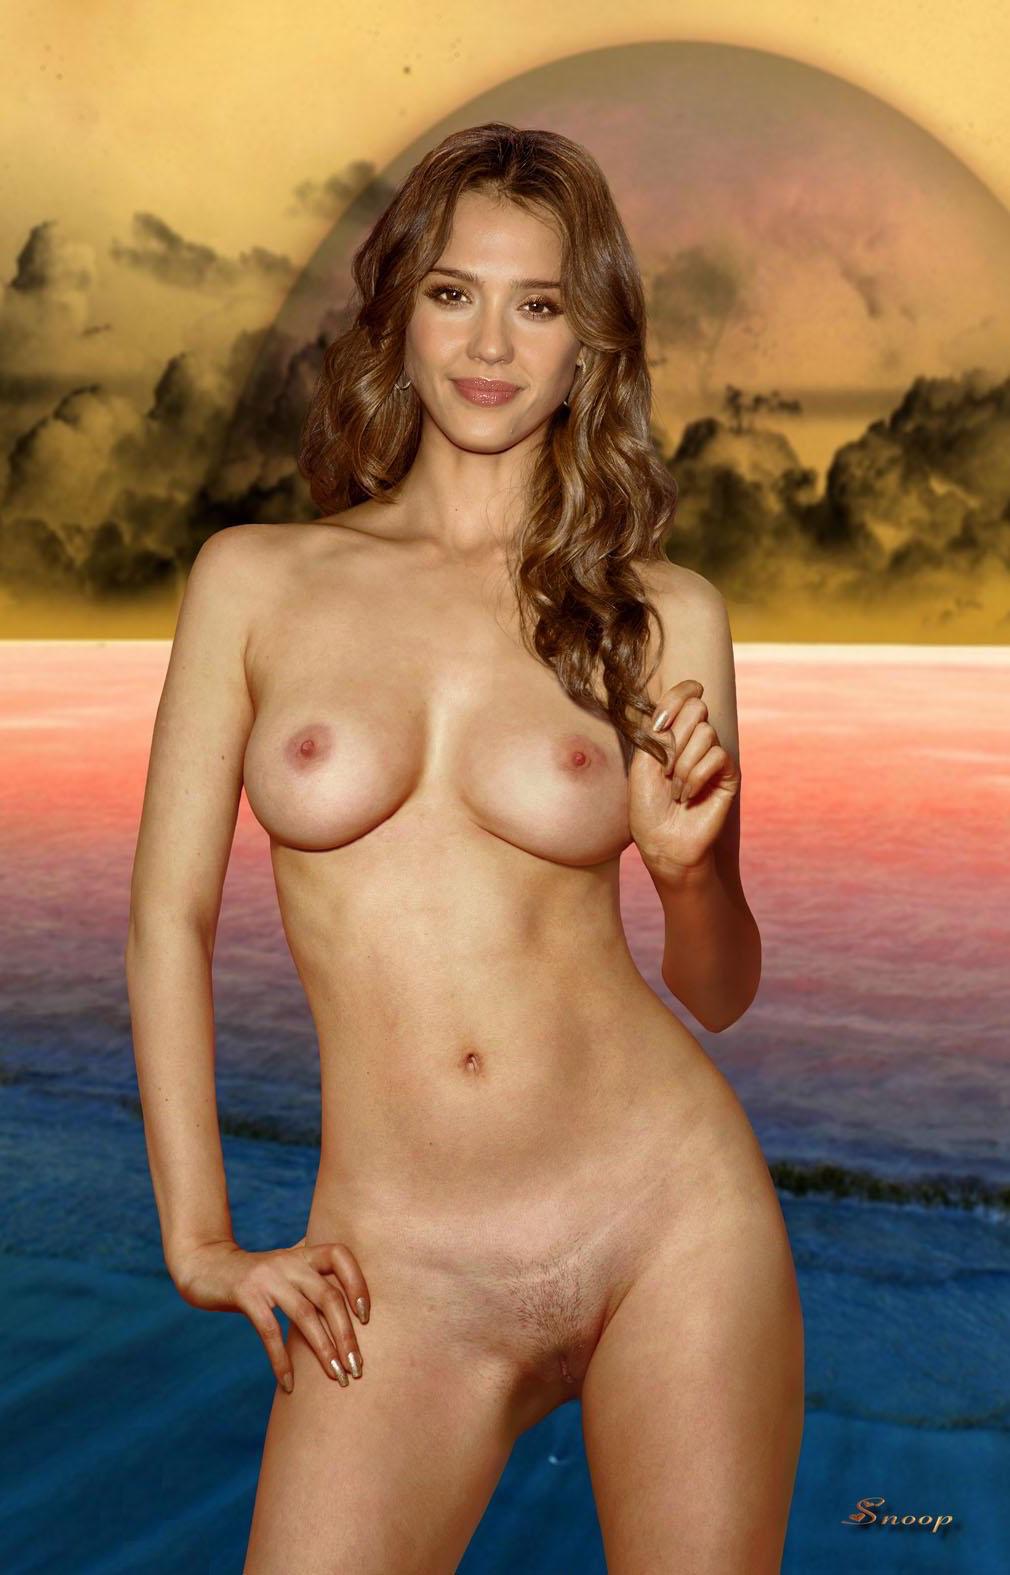 Nackt Sexy Bild xxx FKK Bilder